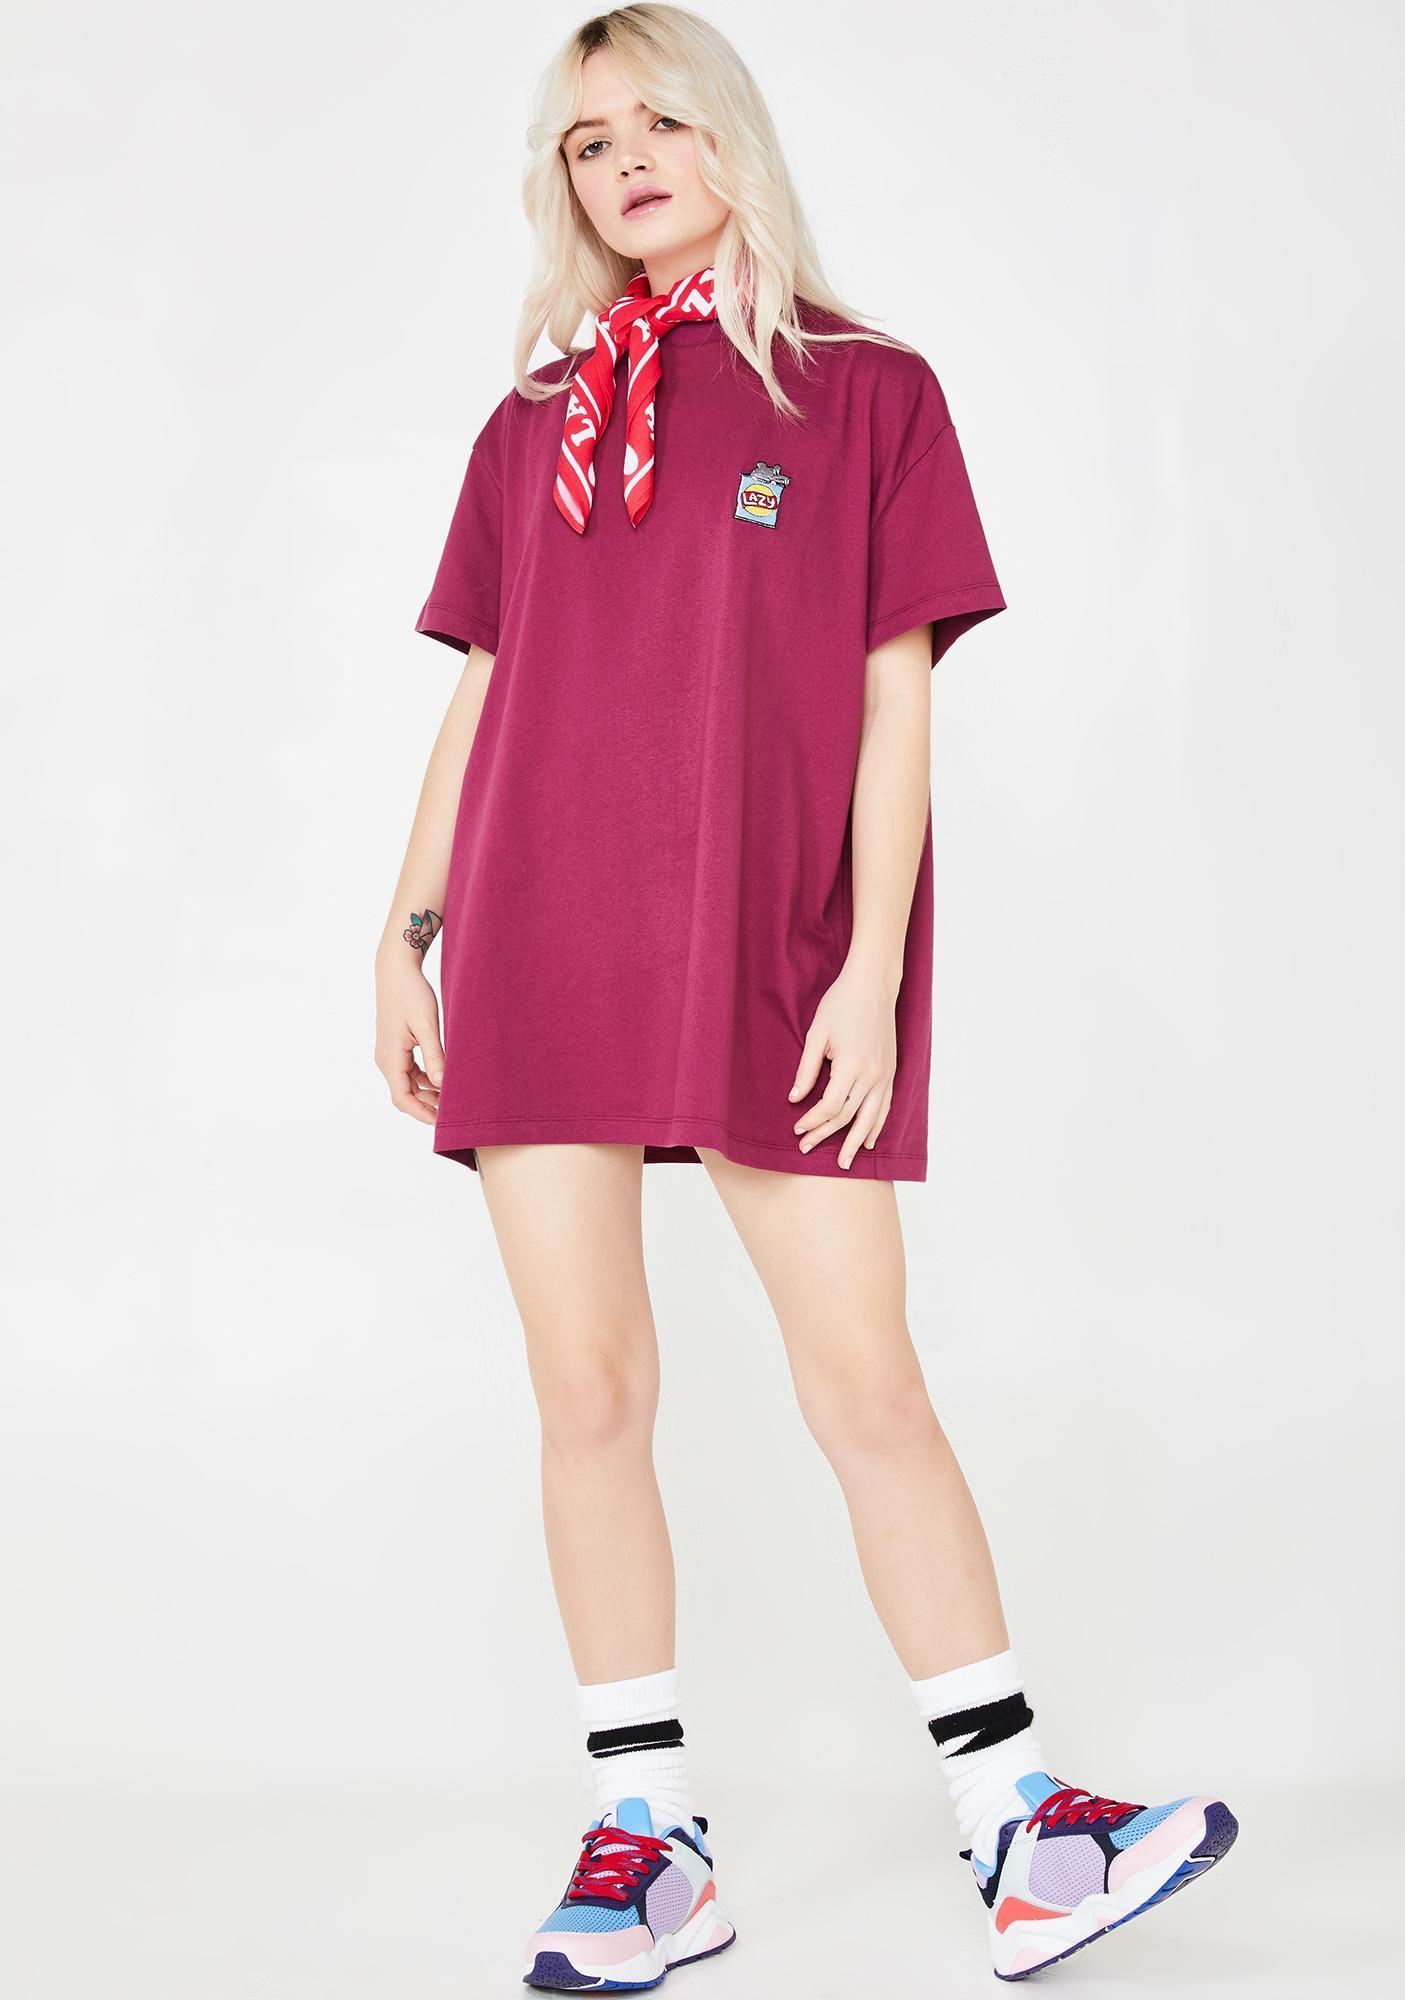 Lazy Oaf Ratbag T-shirt